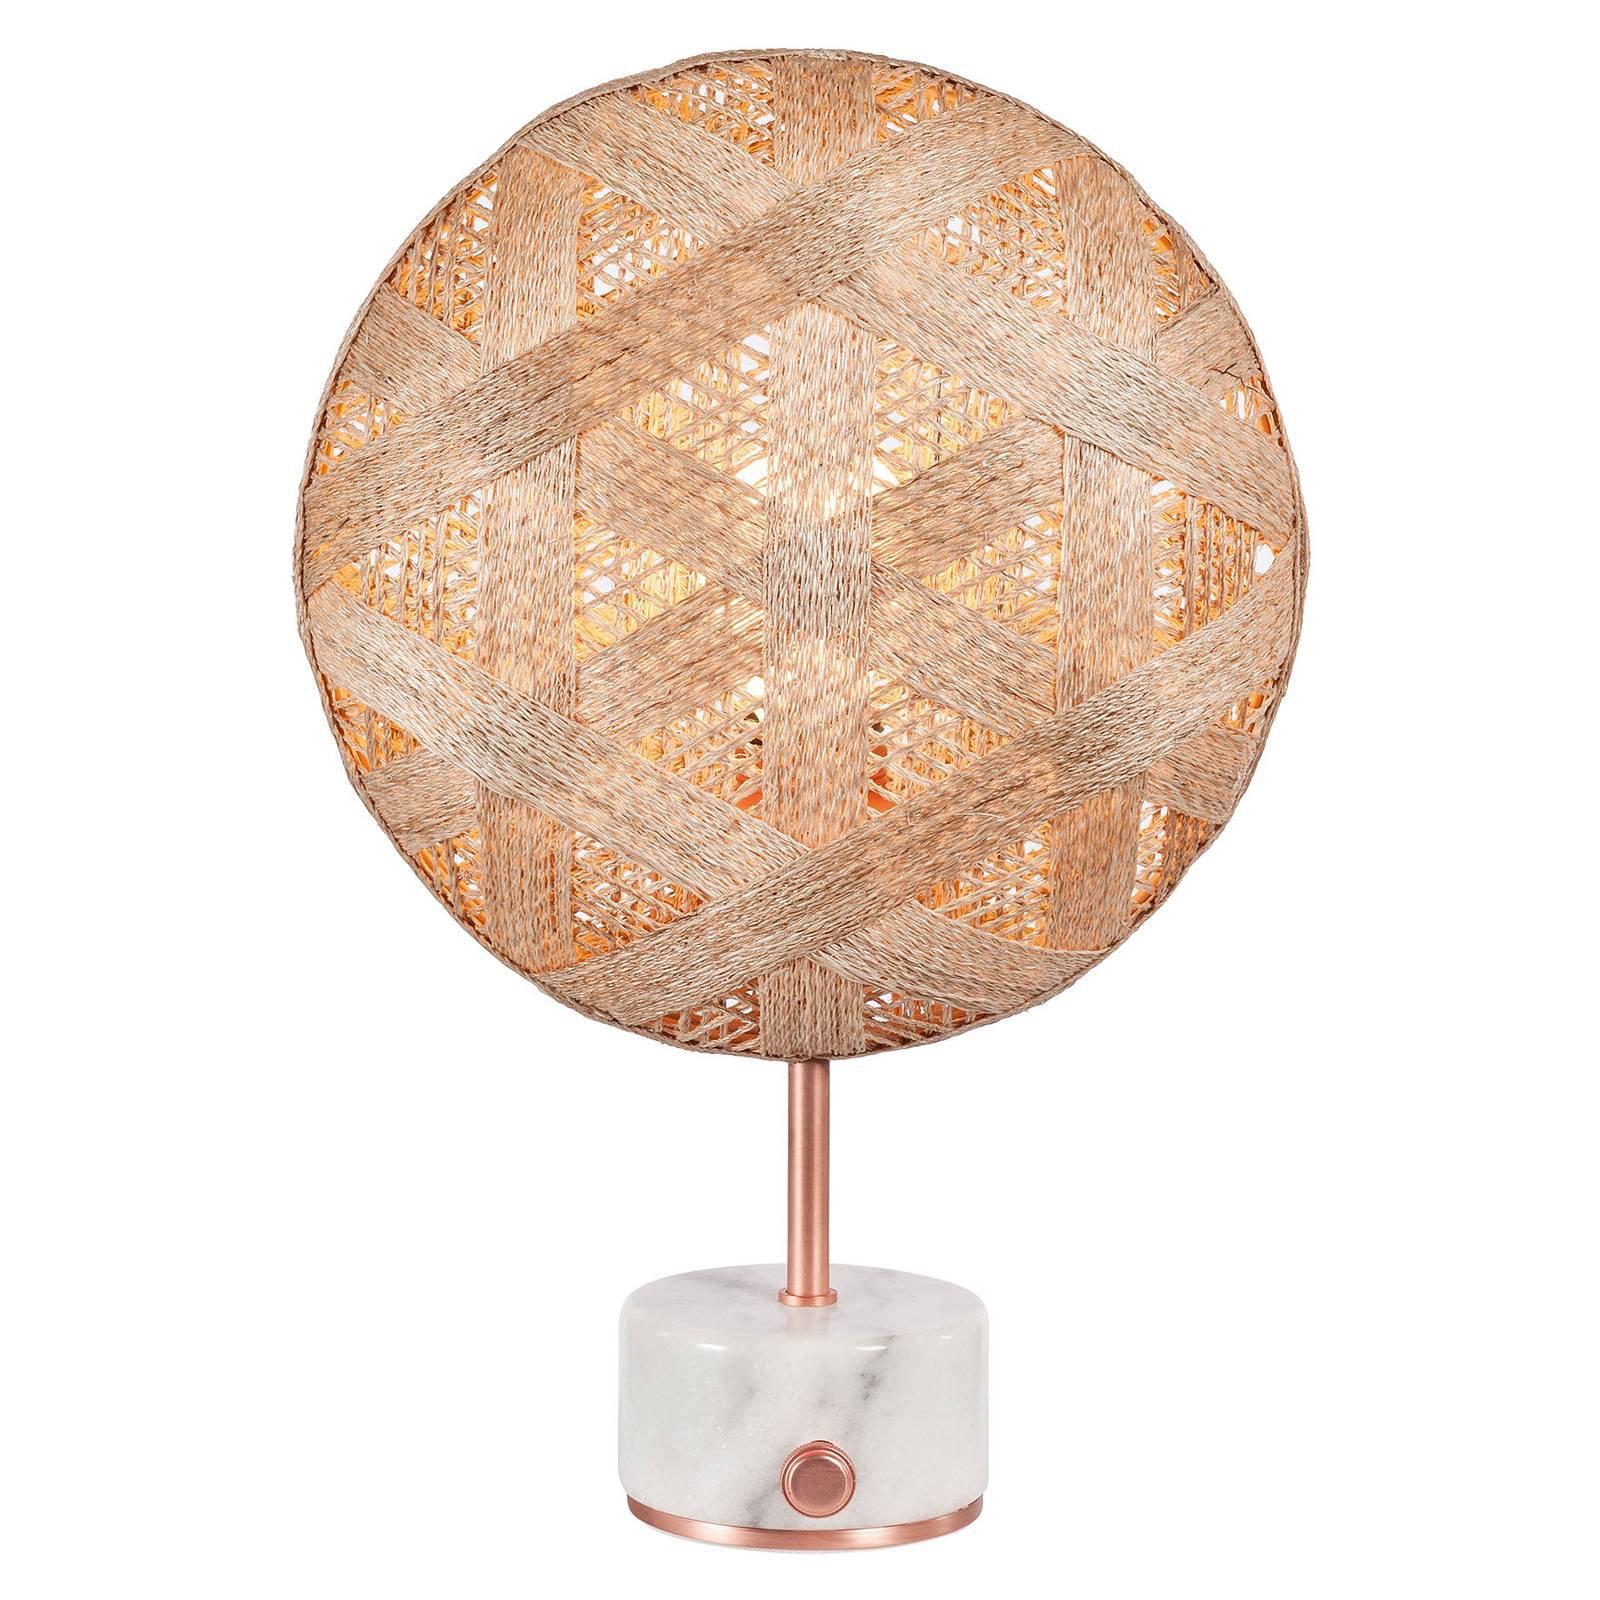 Forestier Chanpen S heksagonal bord, kobber/natur